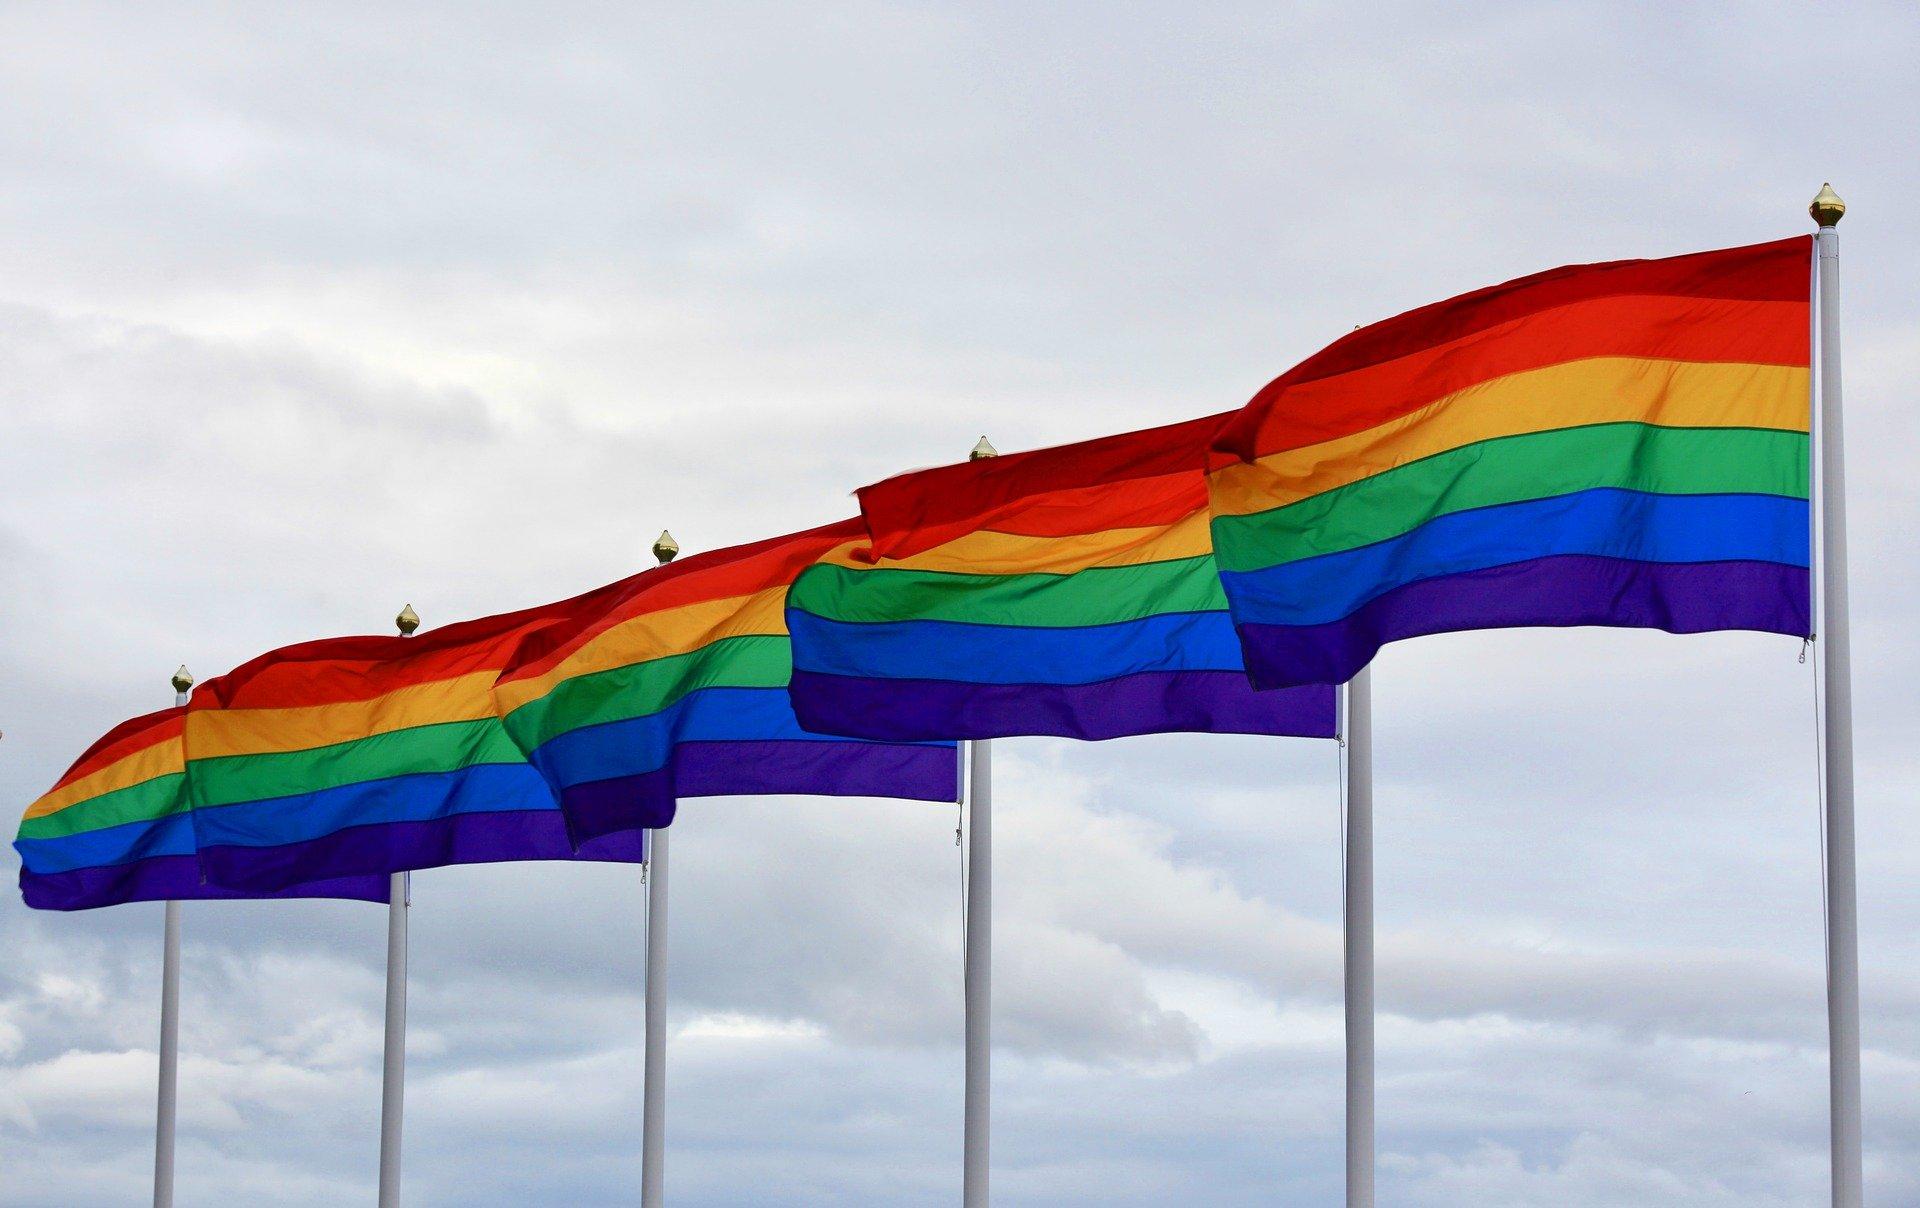 Мы стали посмешищем для Европы: Польский город объявил о свободе от ЛГБТ и потерял миллионы долларов